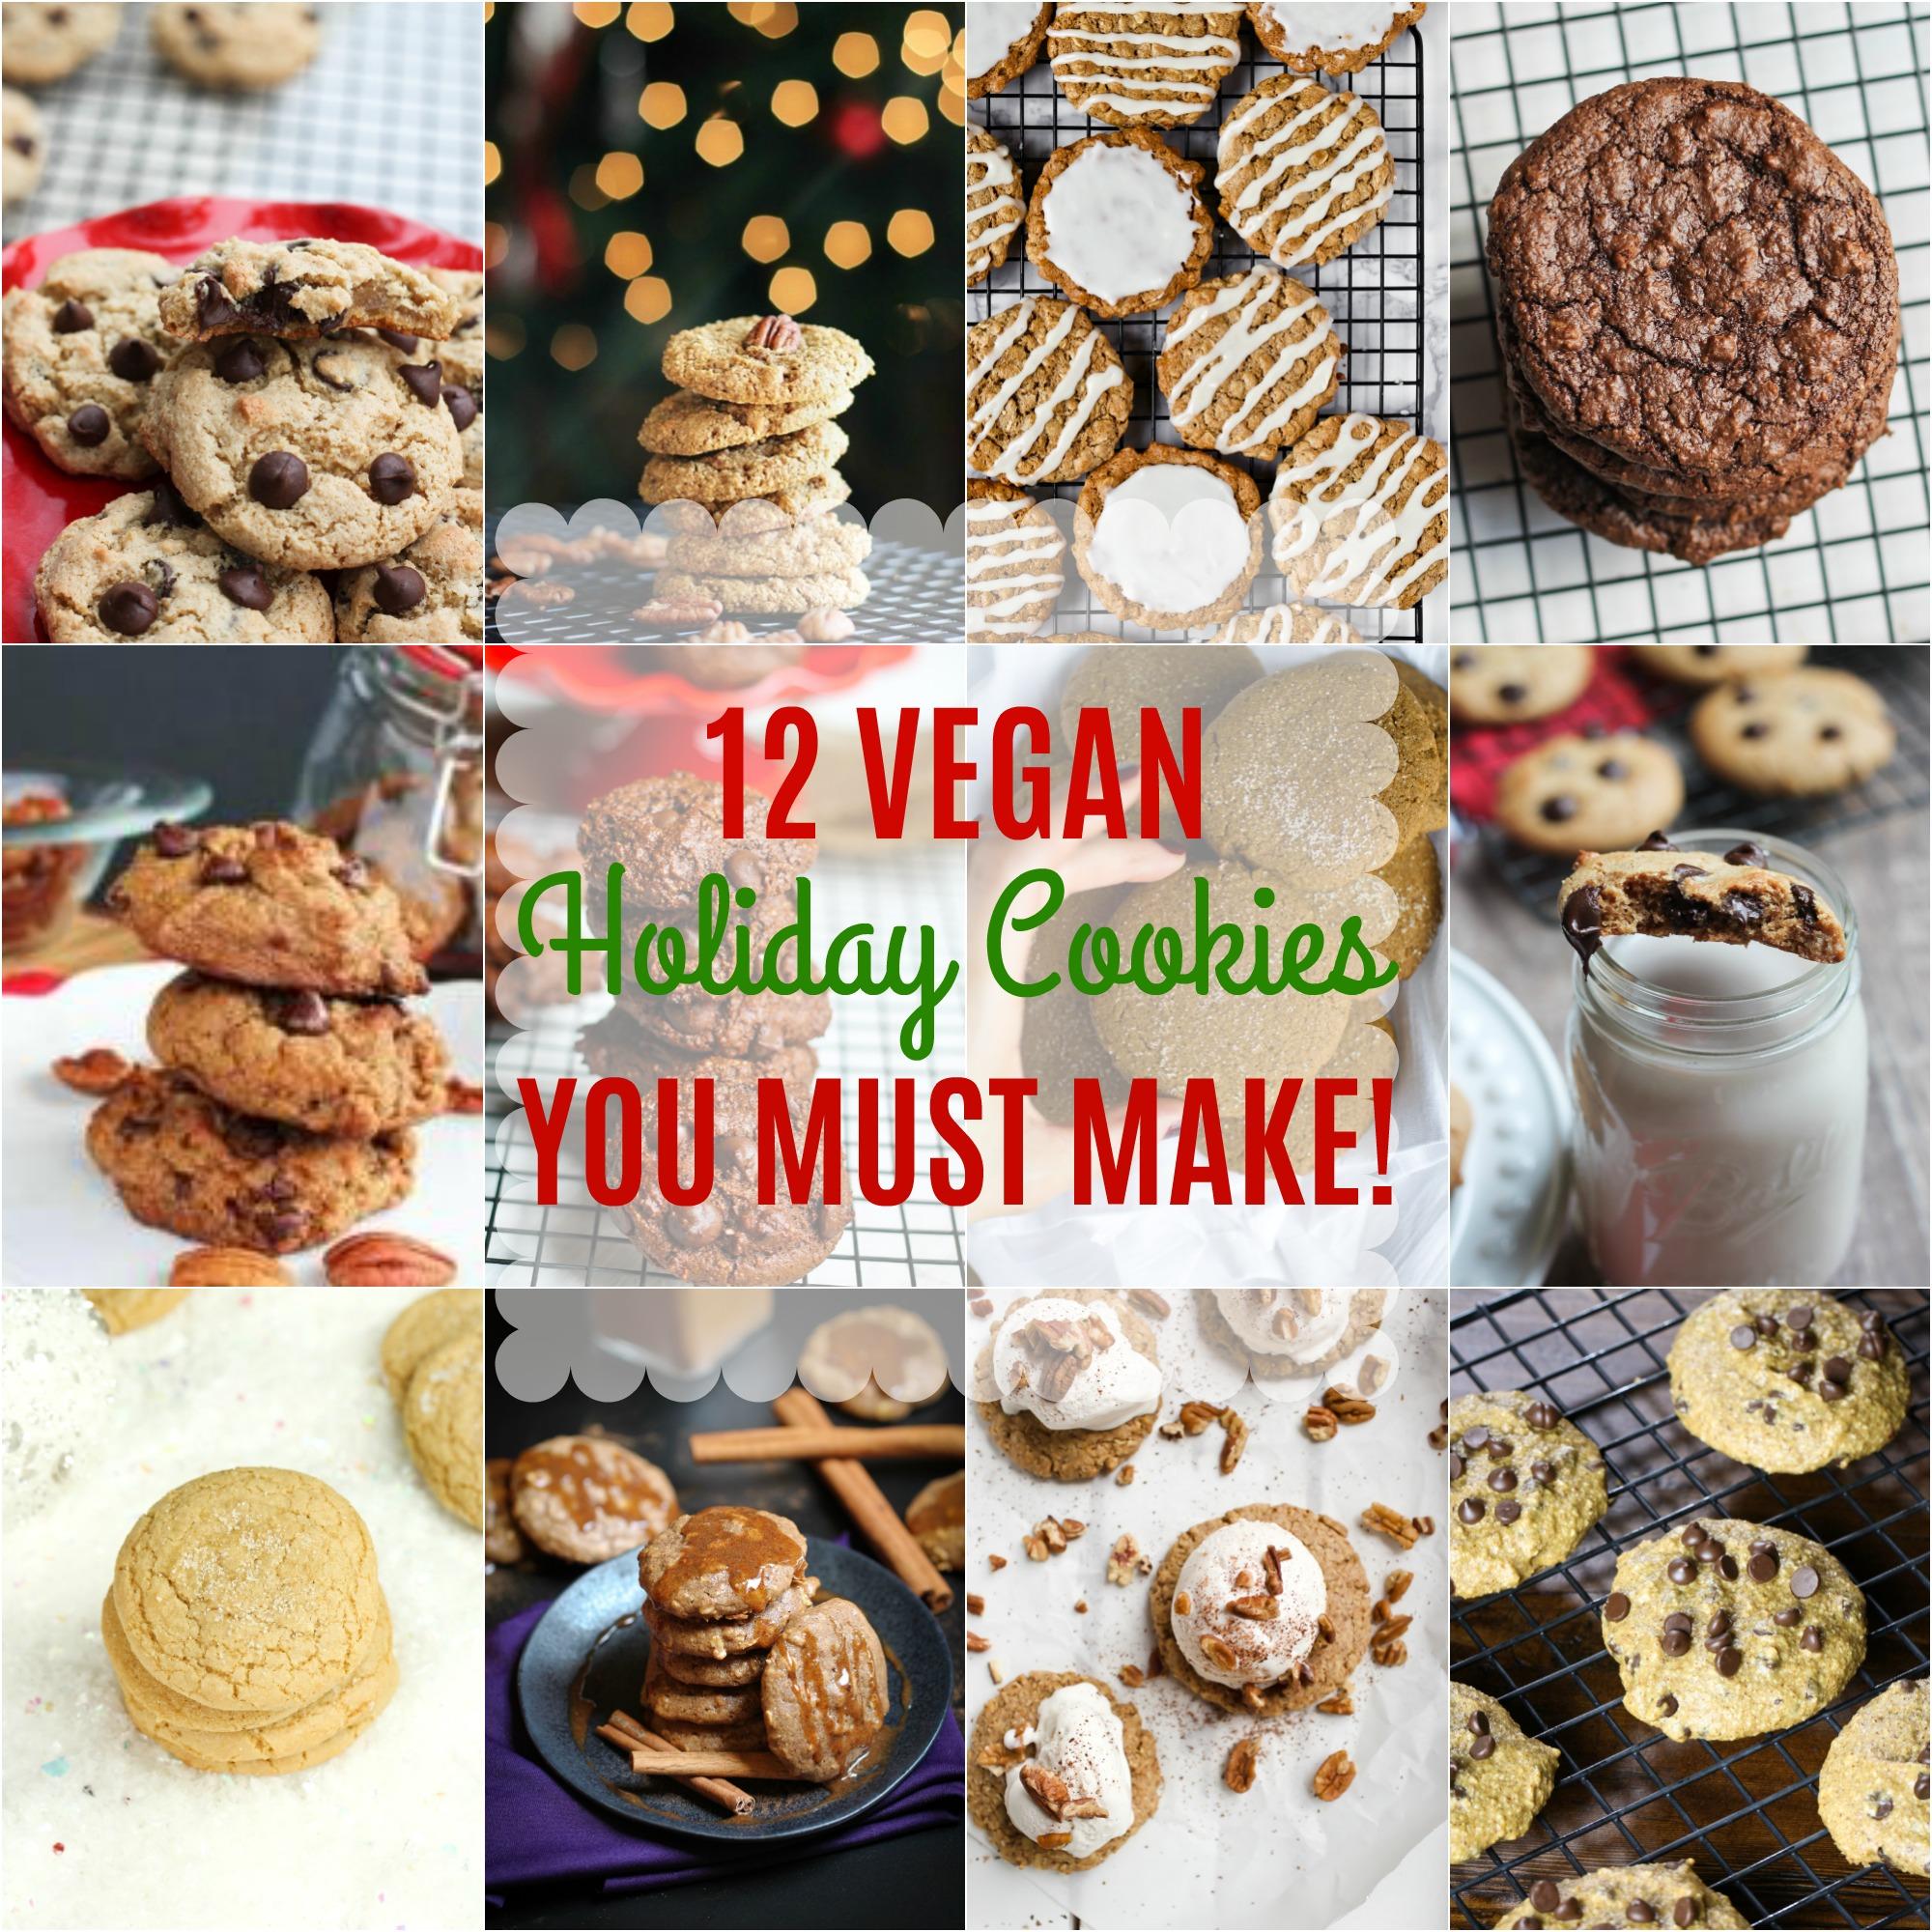 12 Vegan Holiday Cookies You Must Make The Vegan 8